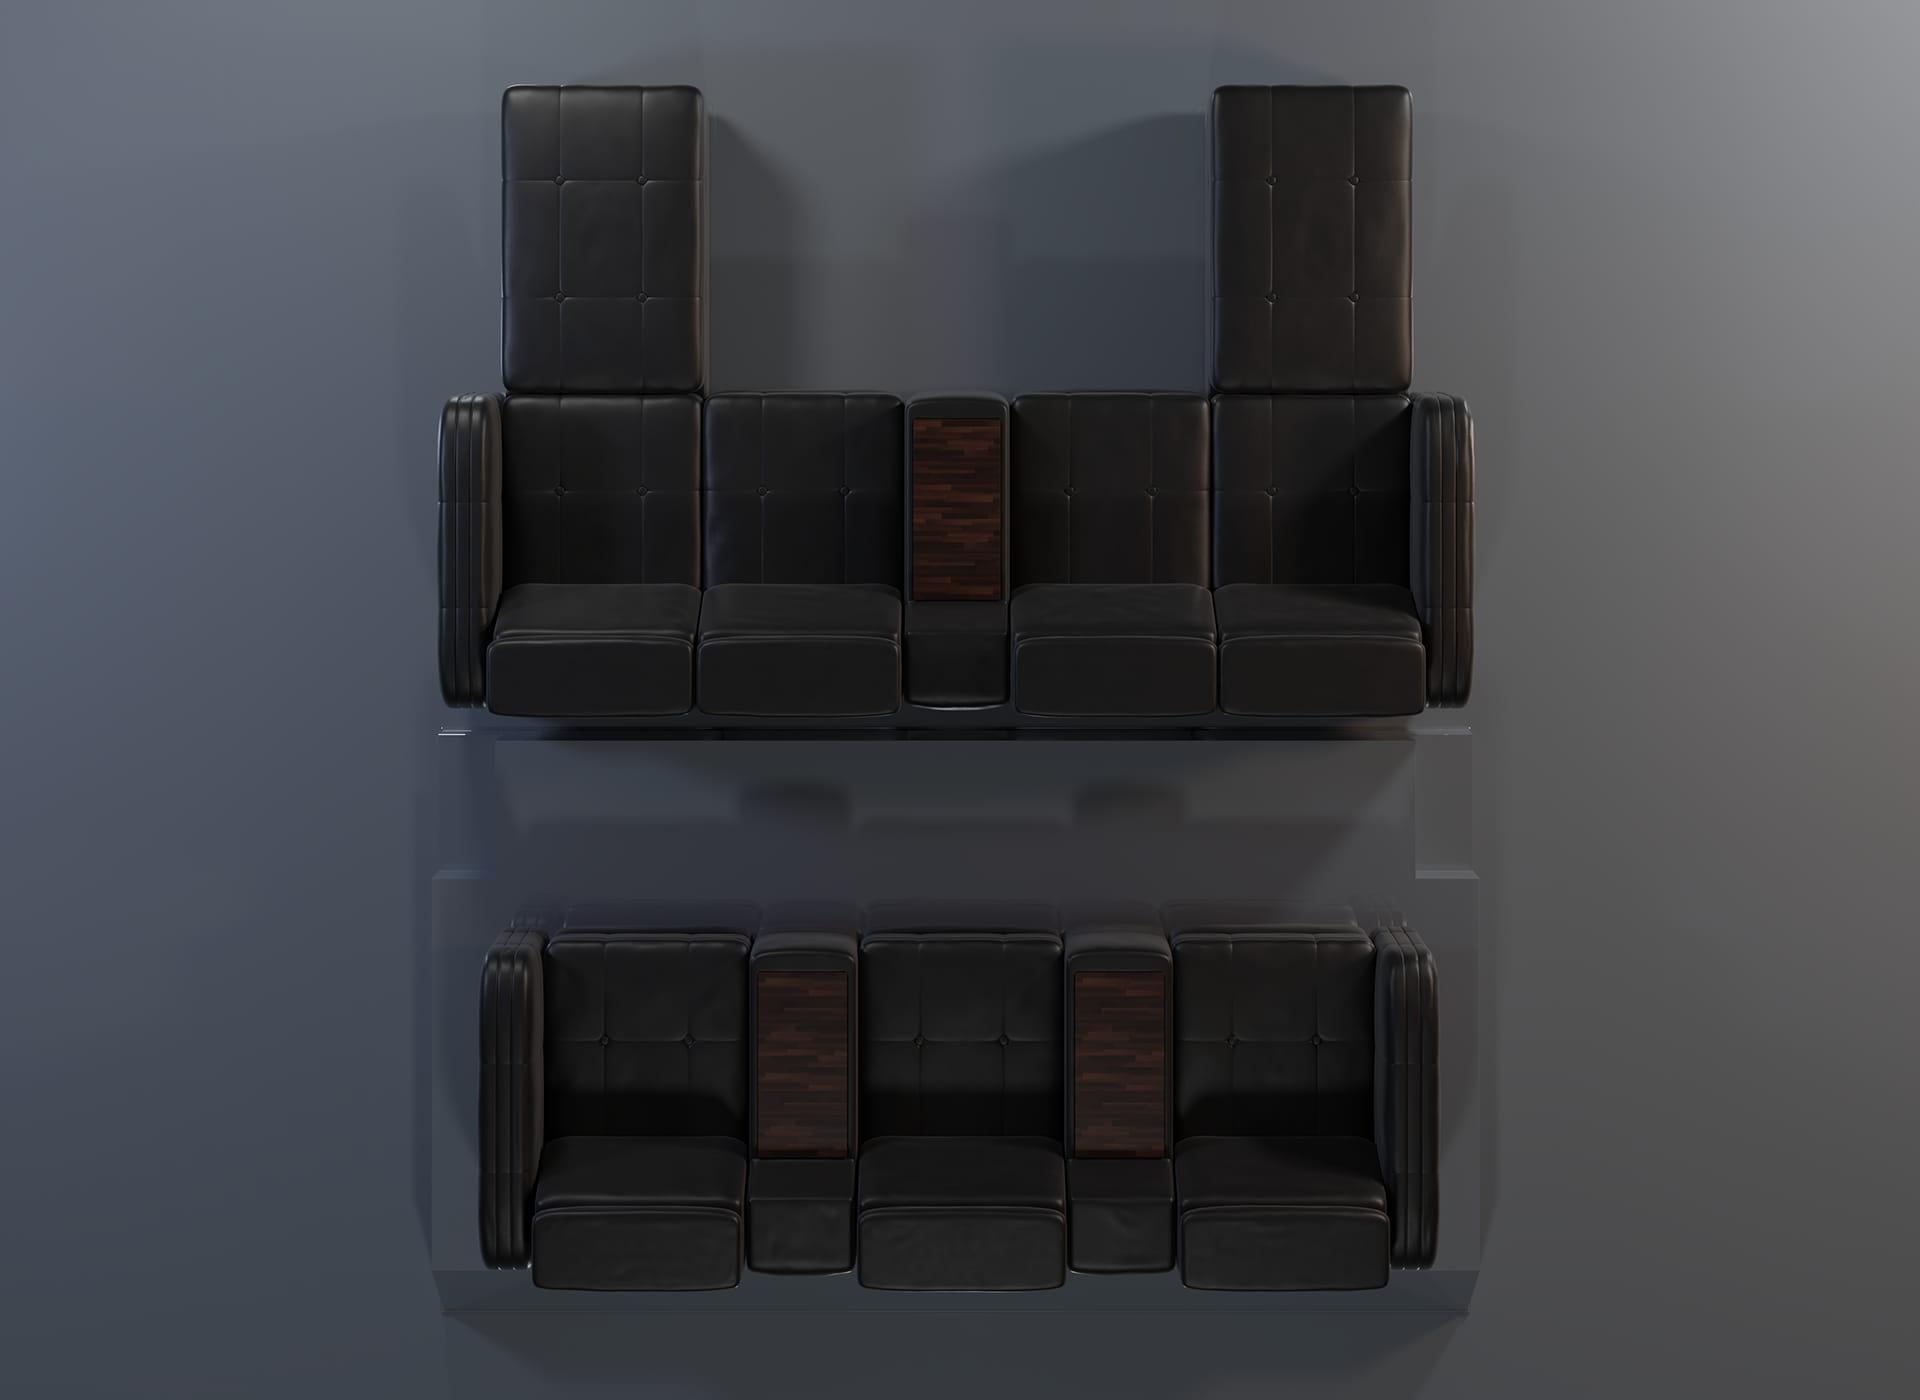 Projekt modelu 3d foteli kinowych / sofa kinowa do kina, czarna skóra oraz wykończenie drewnem - widok z góry